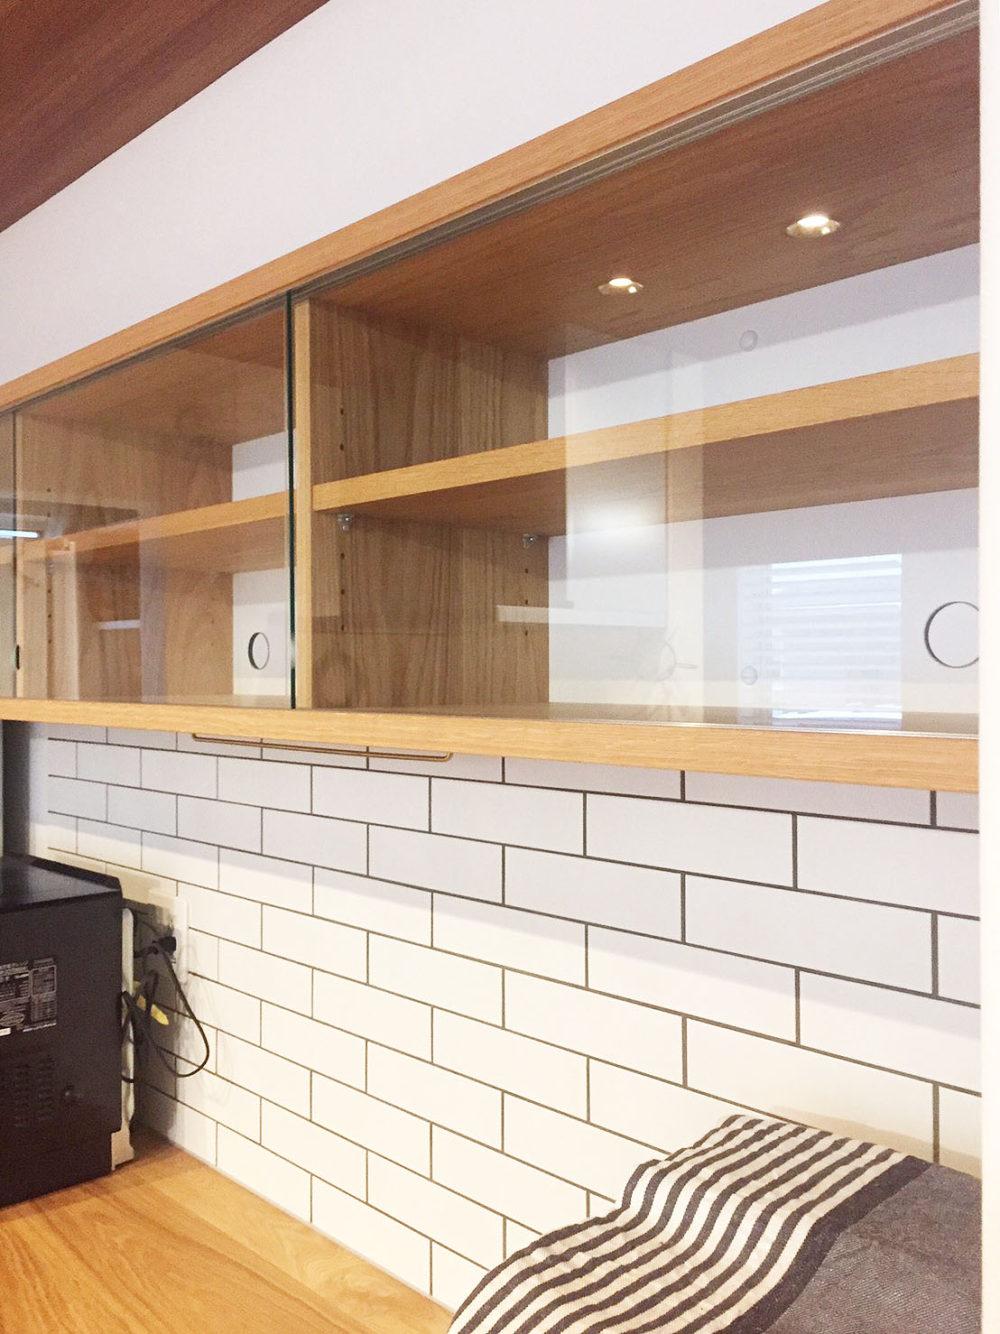 オーダー家具・カップボード食器棚/関東・千葉県